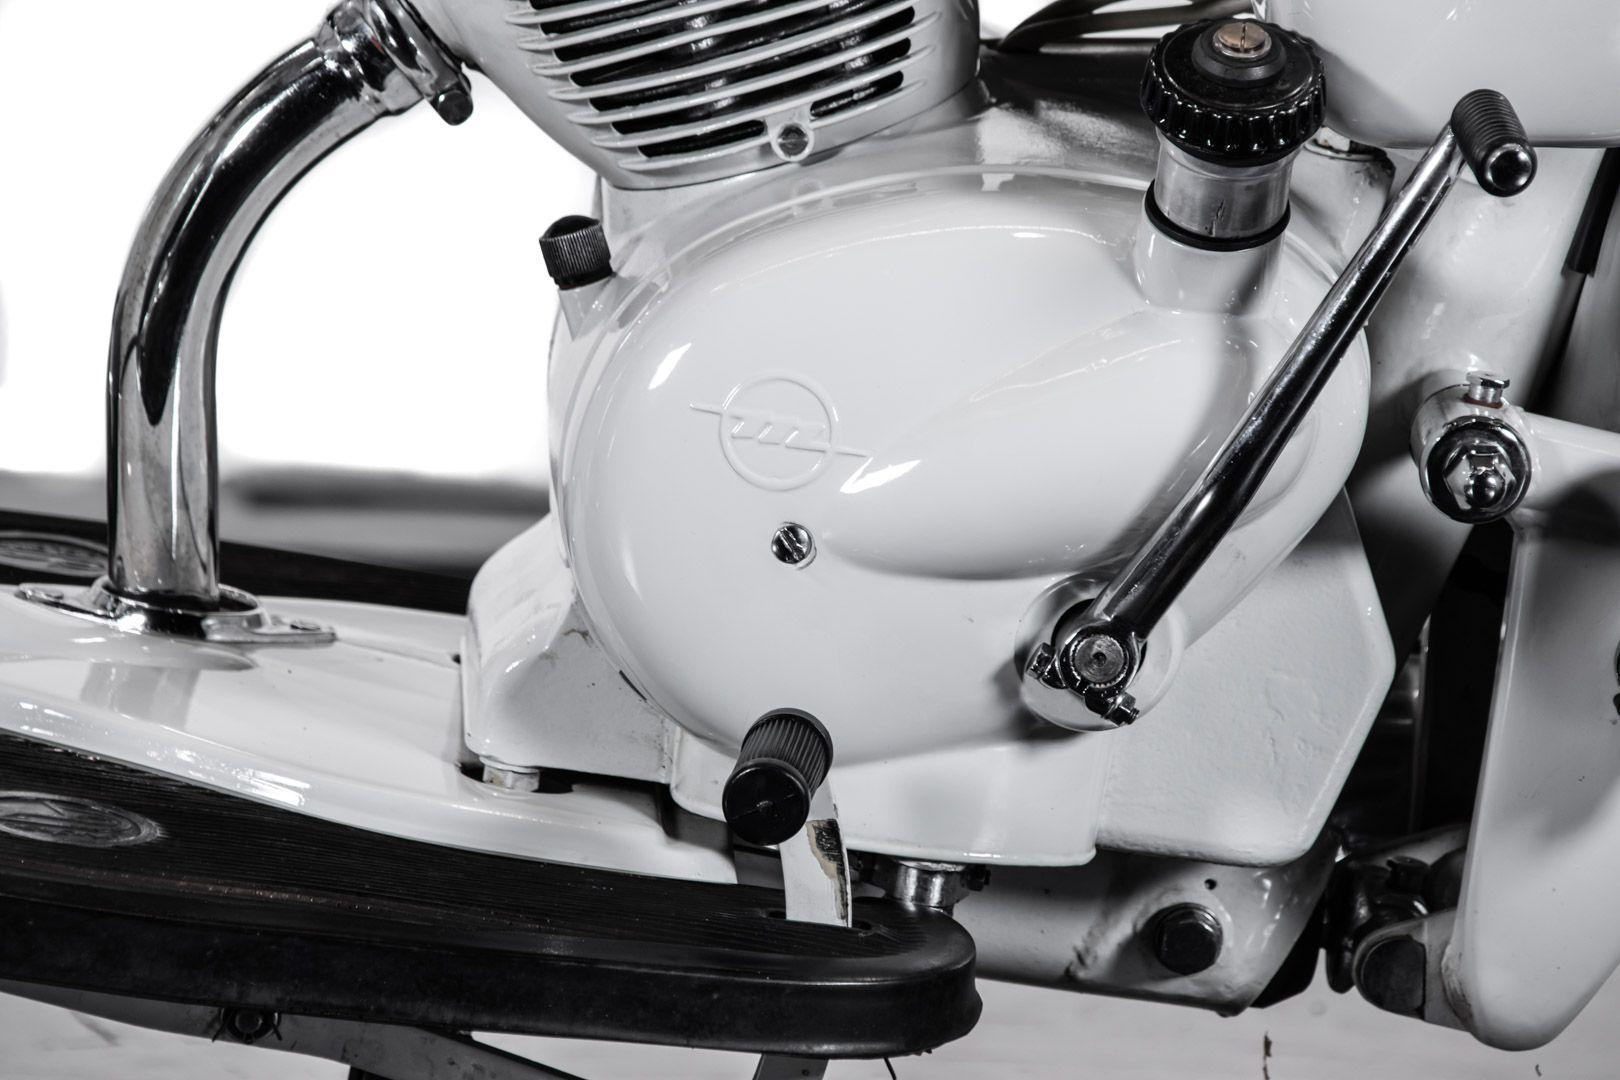 1954 Motom Delfino 165 82908